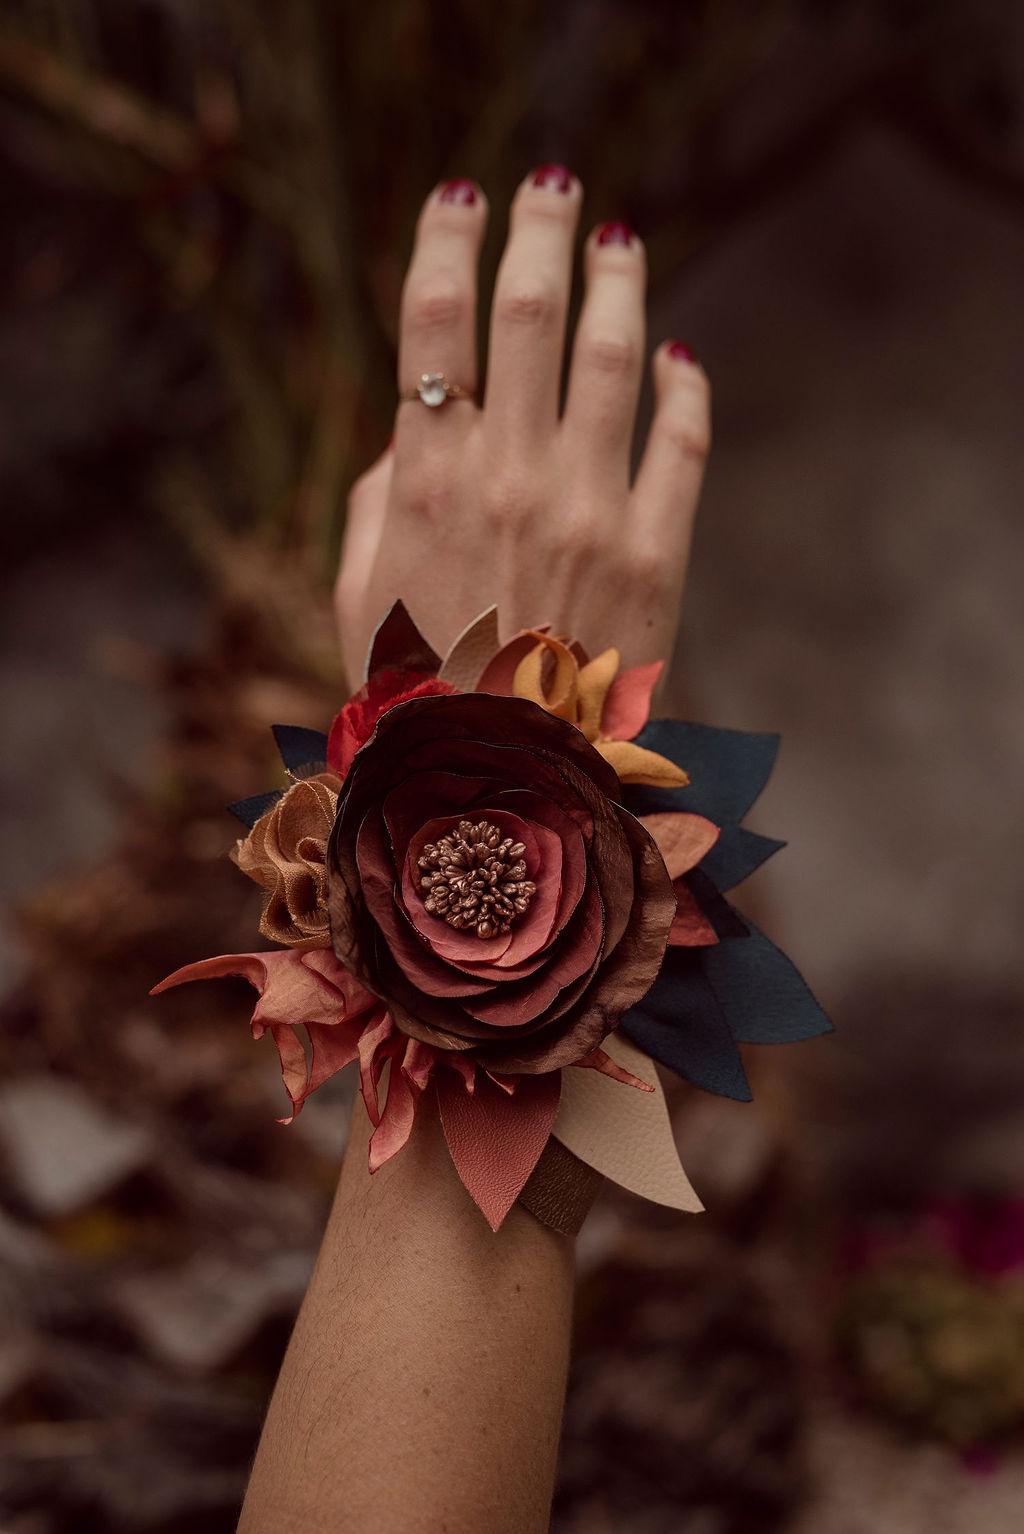 Bracelet de poignet fleurs en tissu Alice MARTY Couture Florale Accessoires mariage et jolis jours